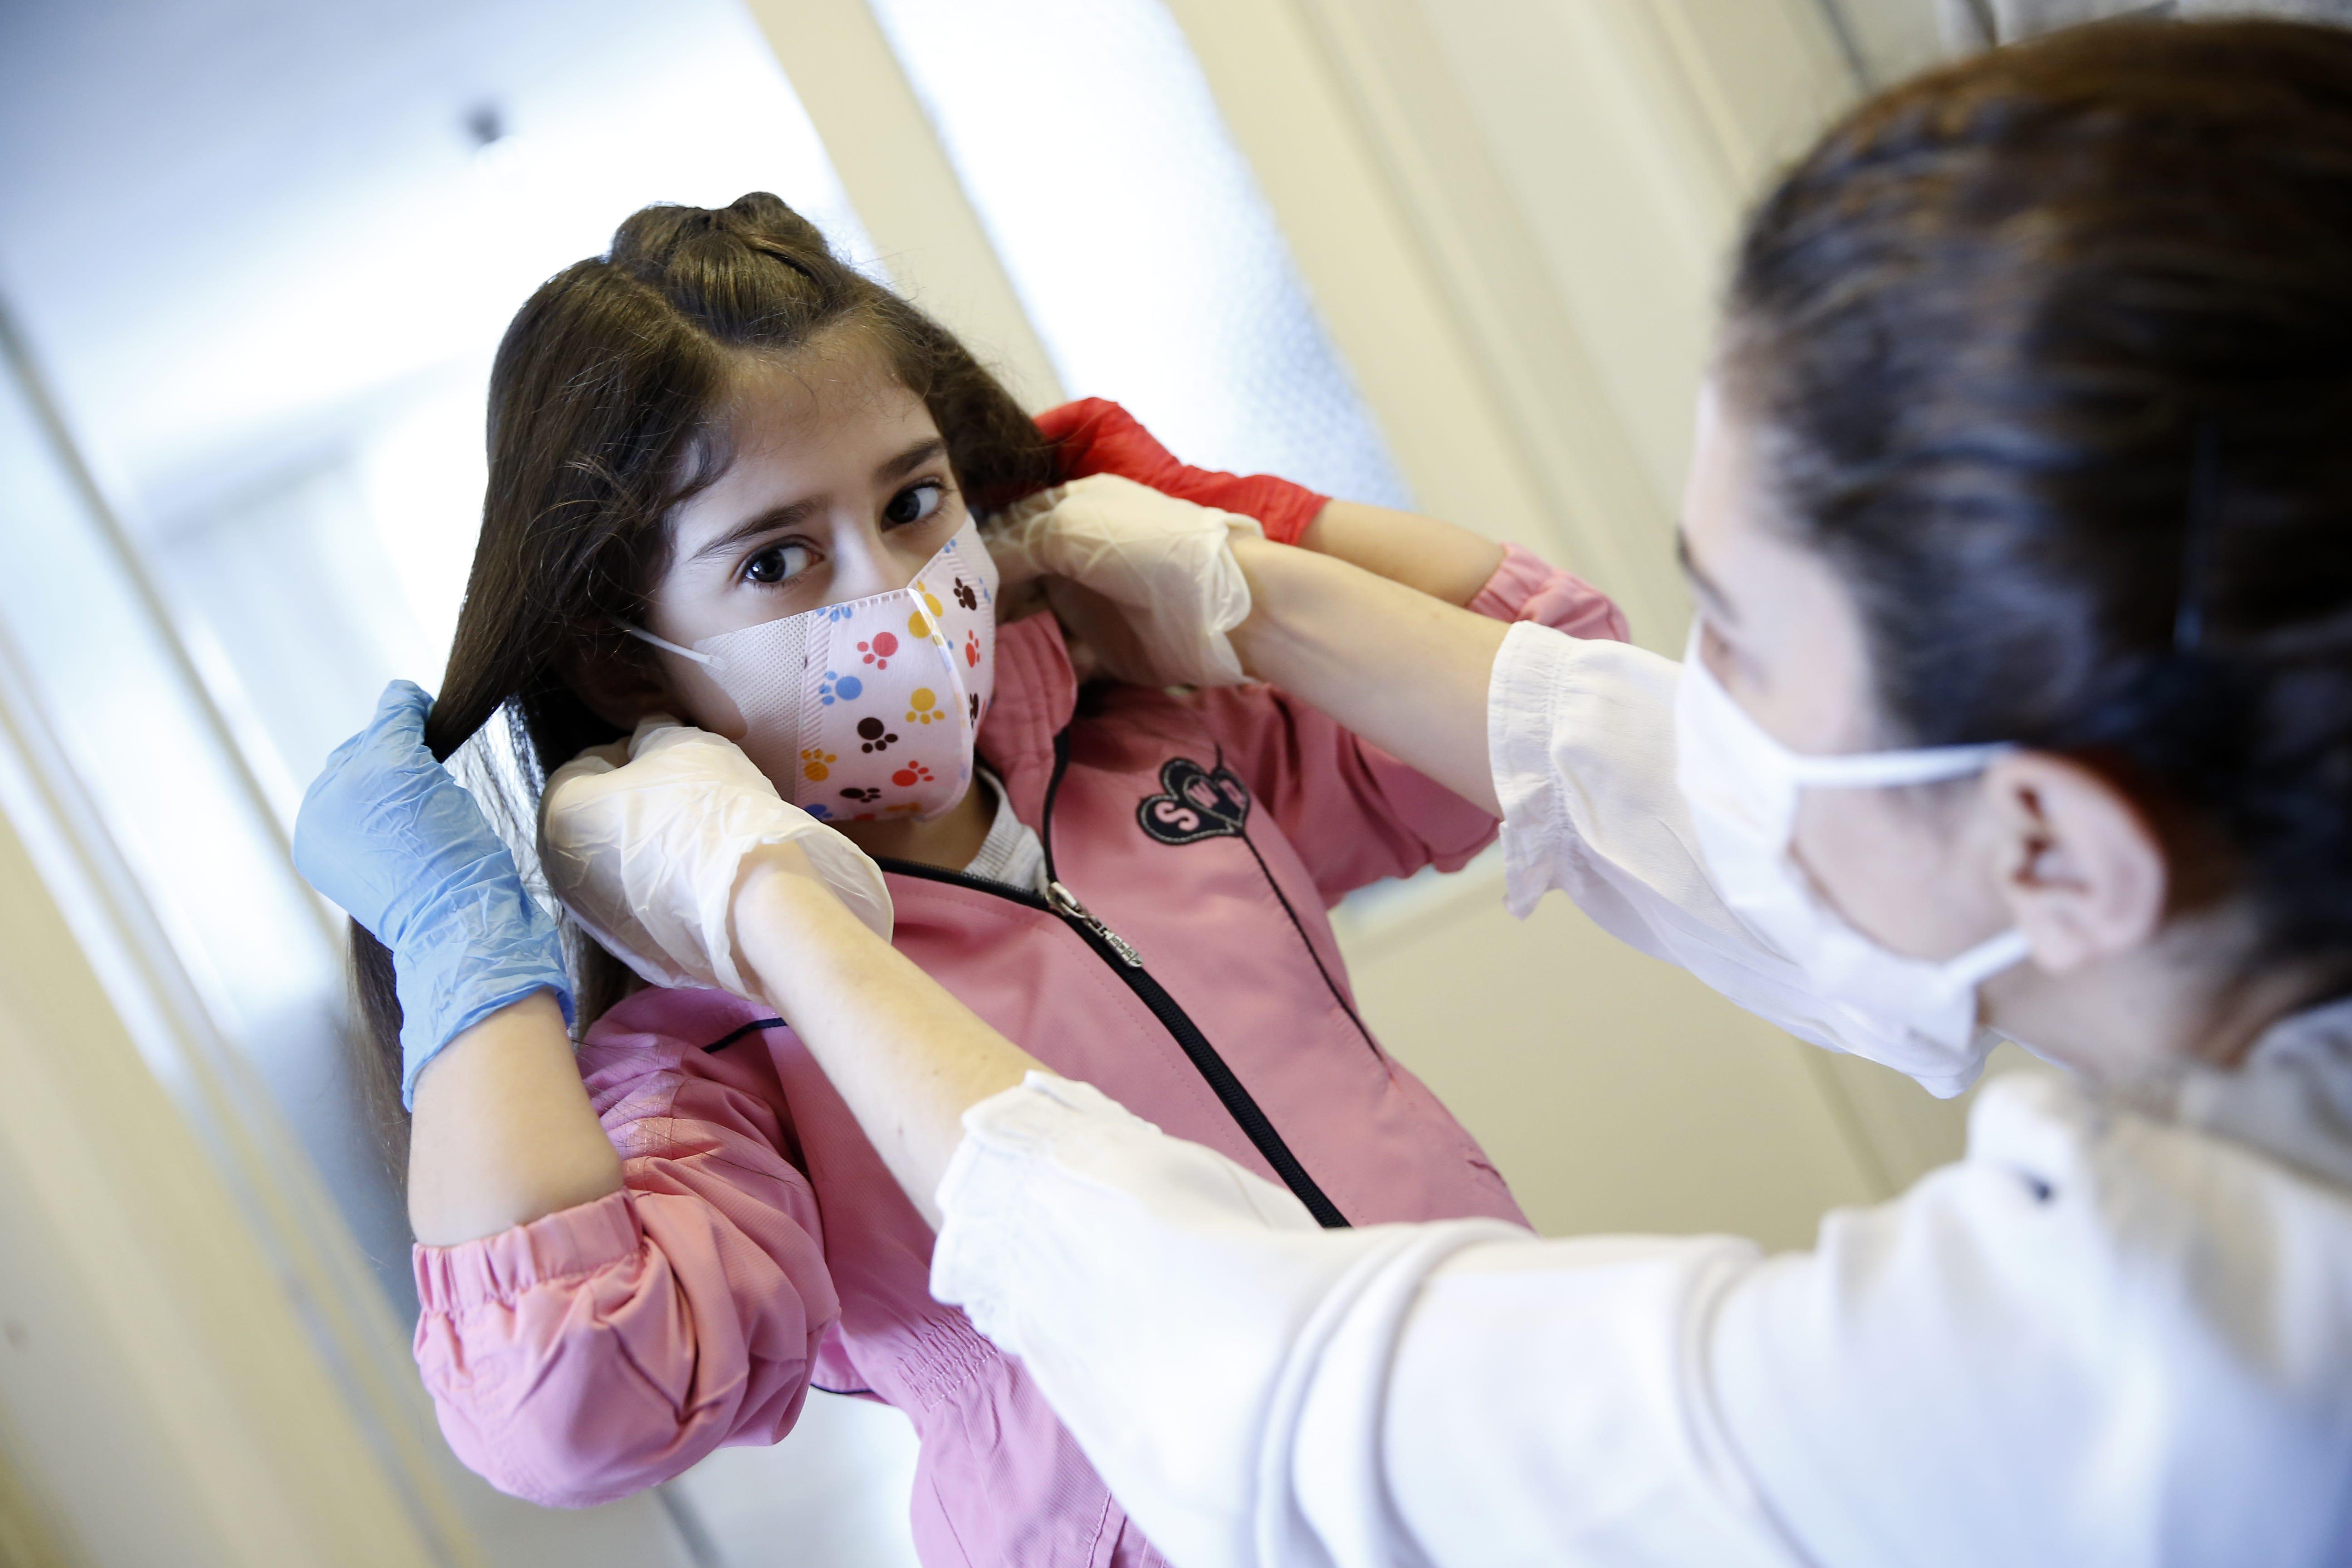 Çocukları okulda salgından korumanın yolu aşıdan geçiyor #1